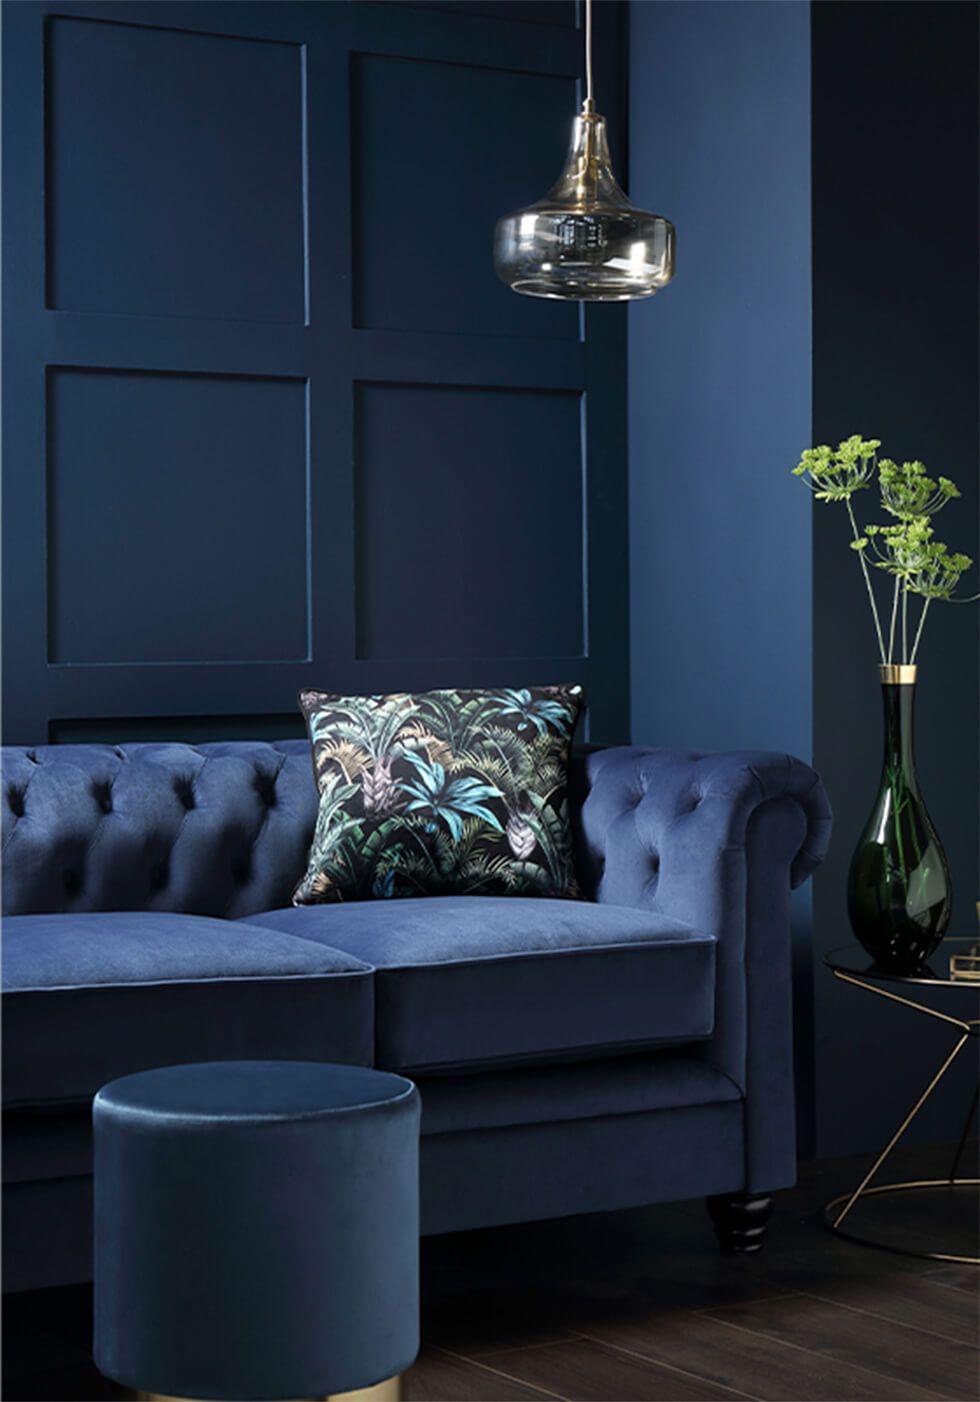 Blue velvet Chesterfield sofa with dark blue walls